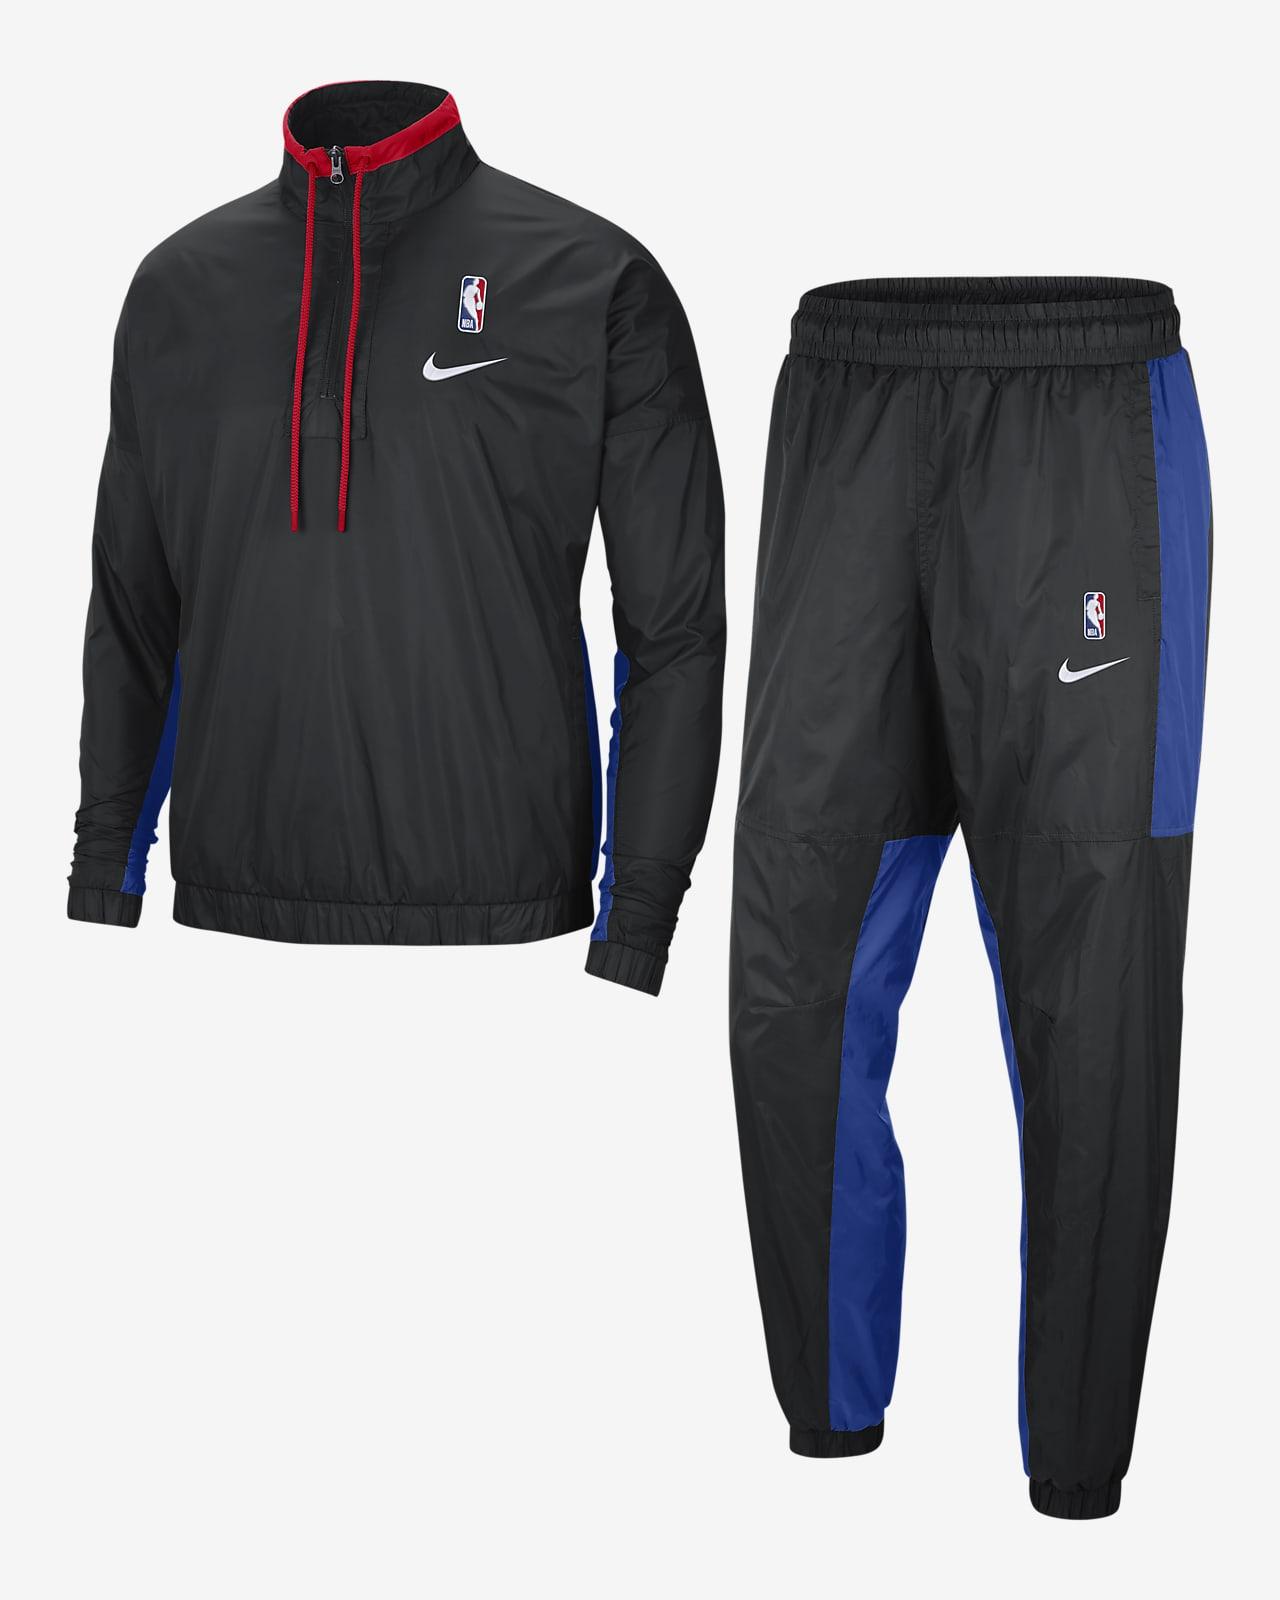 Dres męski NBA Nike Team 31 Courtside